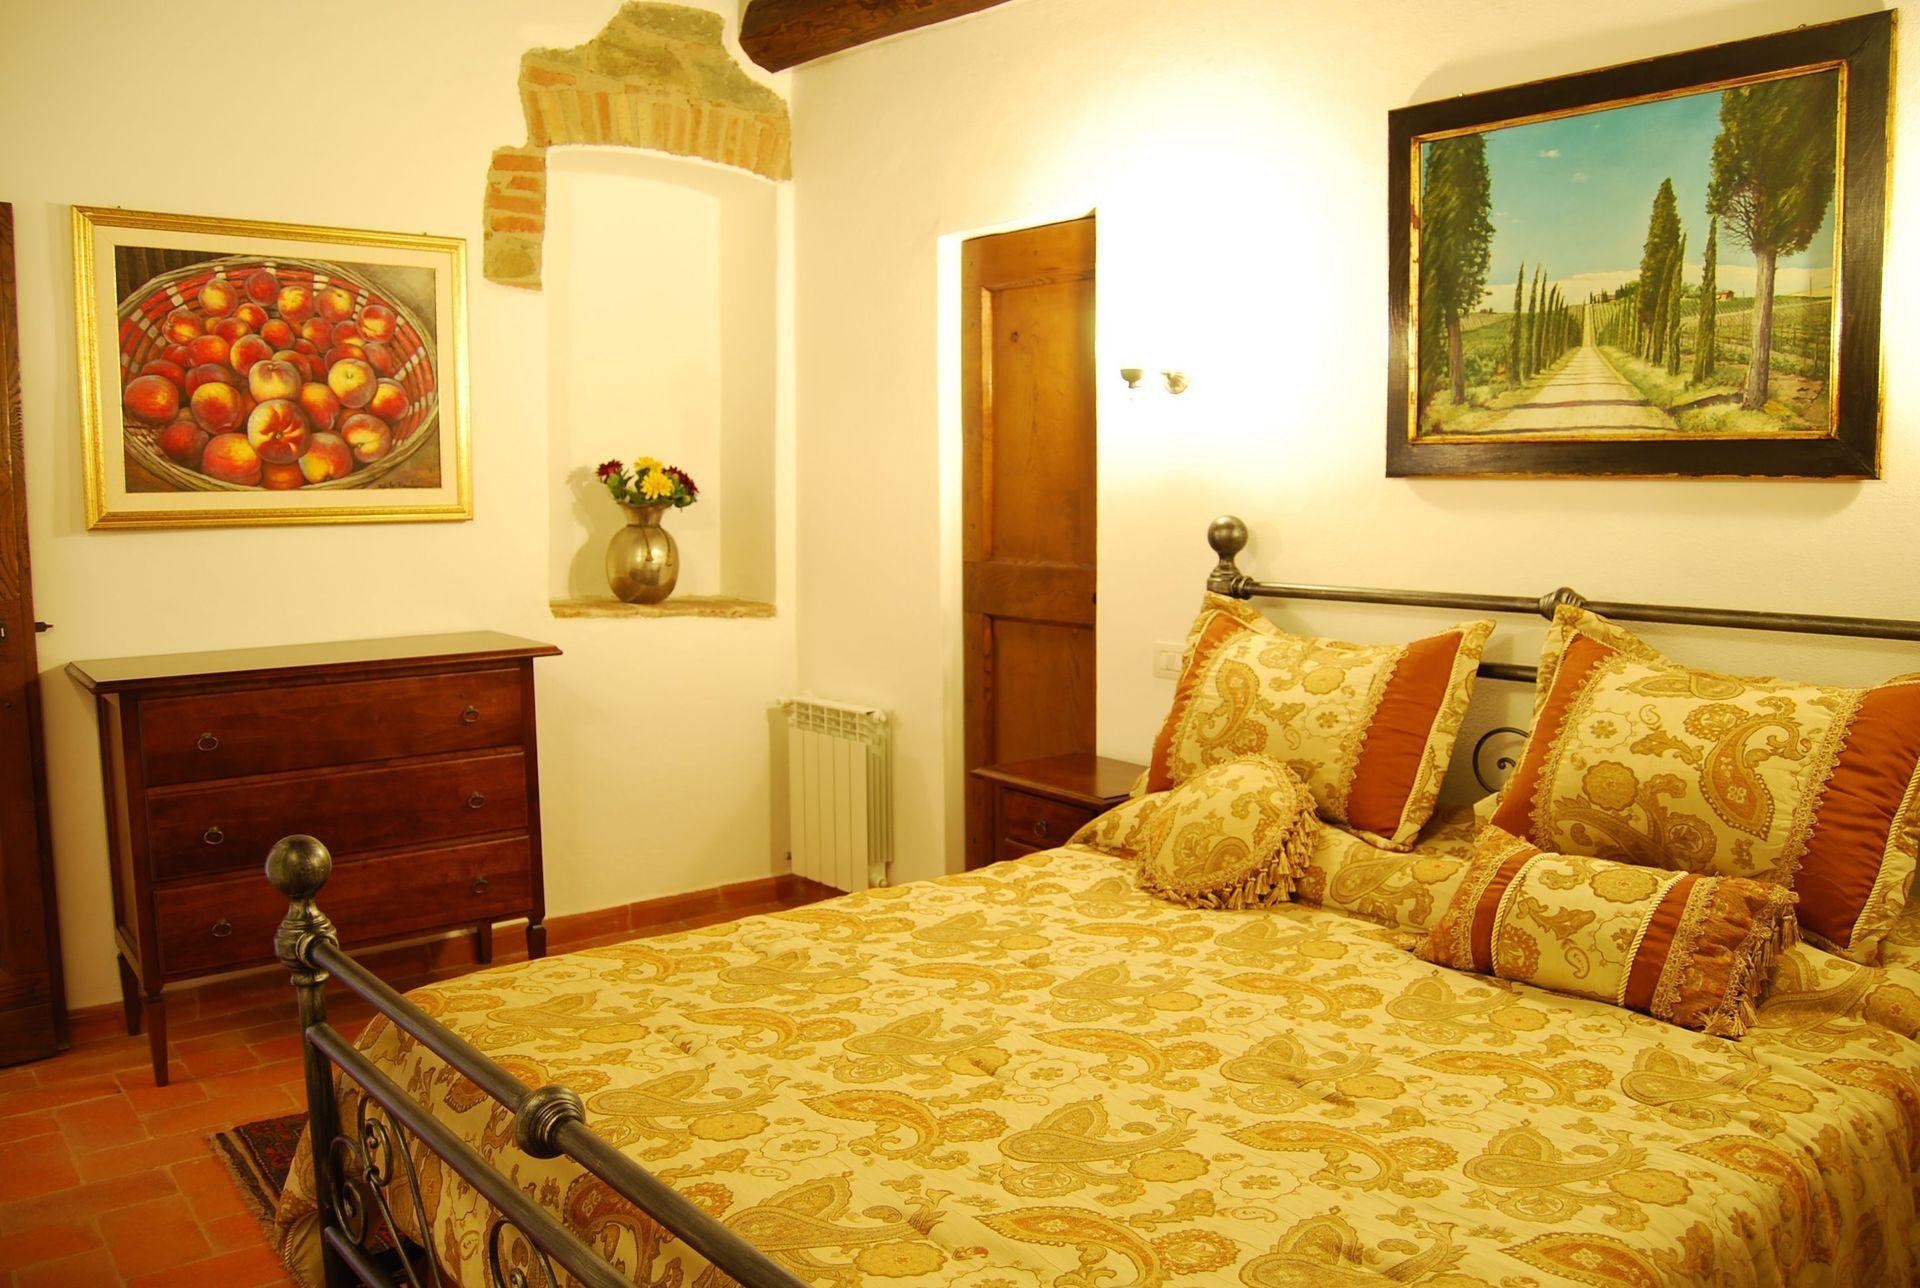 Nr 6 posti letto 4 in 2 camere casa vacanza a cortona for Branson cabin rentals 4 camere da letto